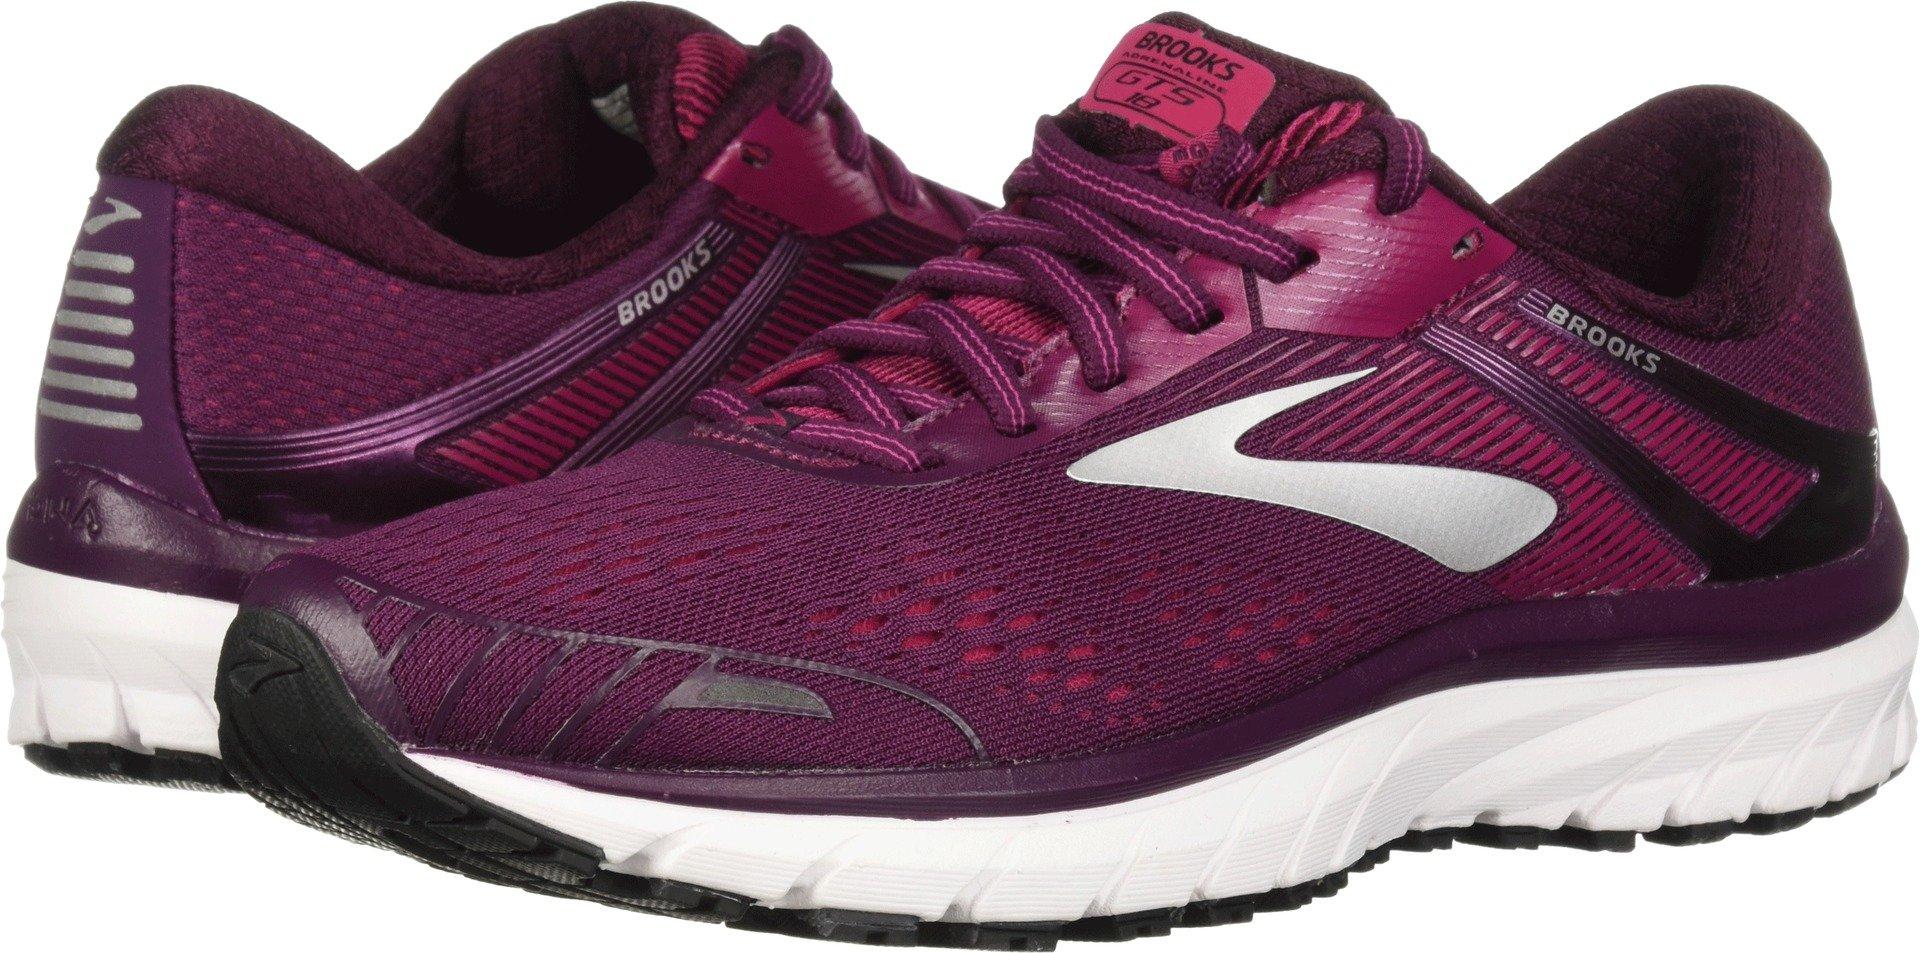 Brooks Women's Adrenaline GTS 18 Purple/Pink/Silver 5 B US by Brooks (Image #1)